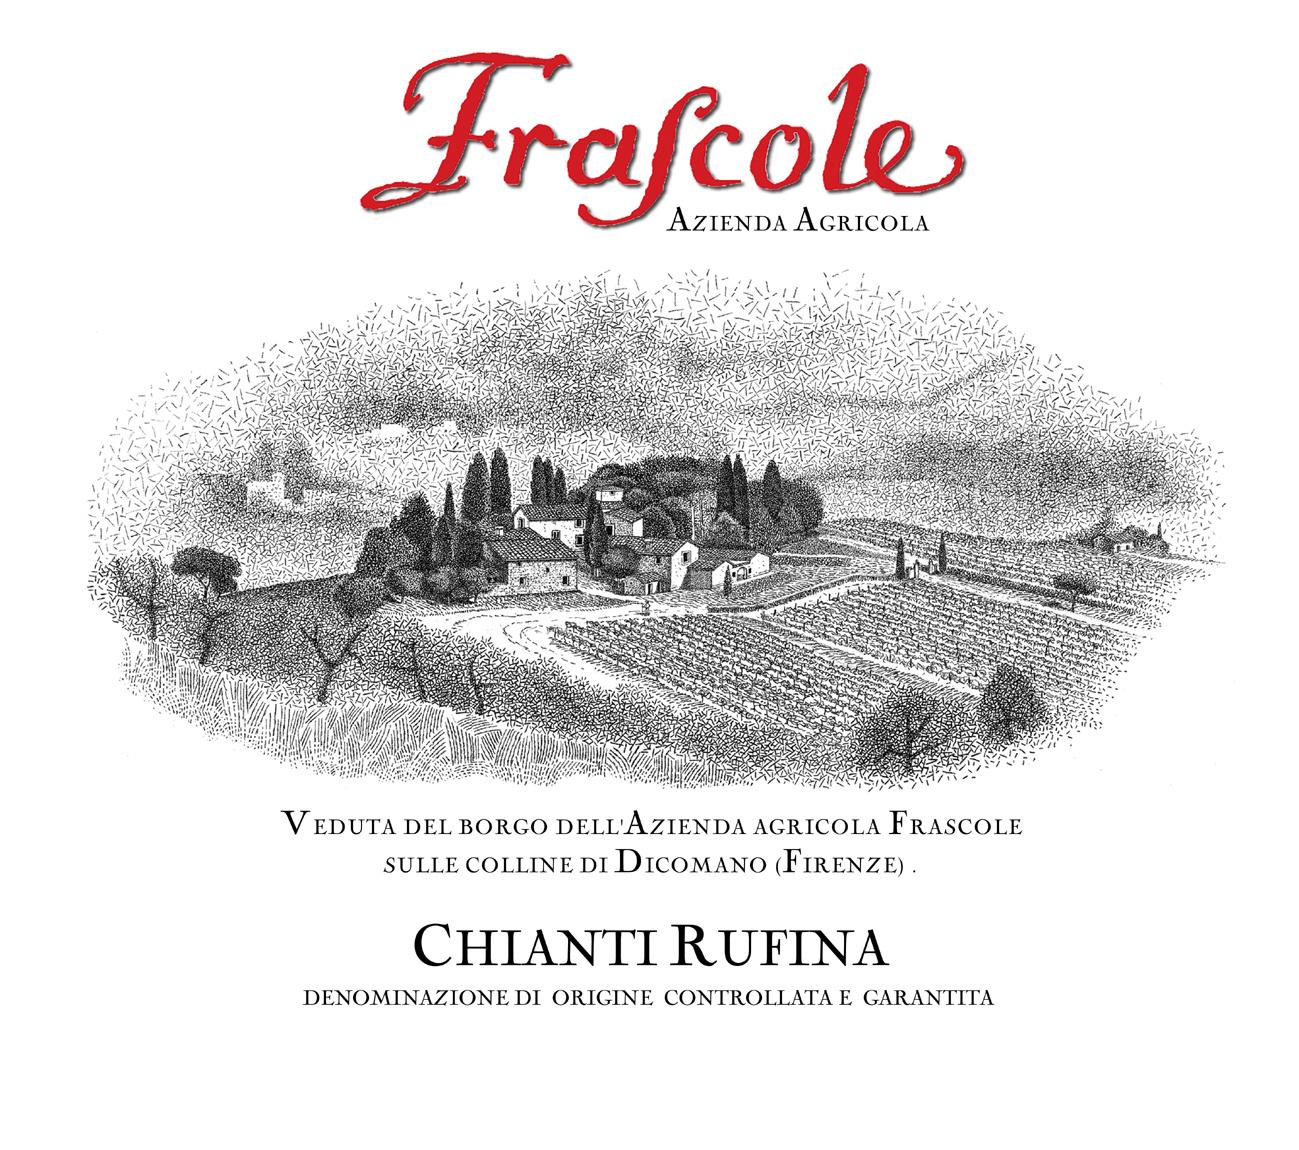 Frascole, Chianti Rufina, 2017